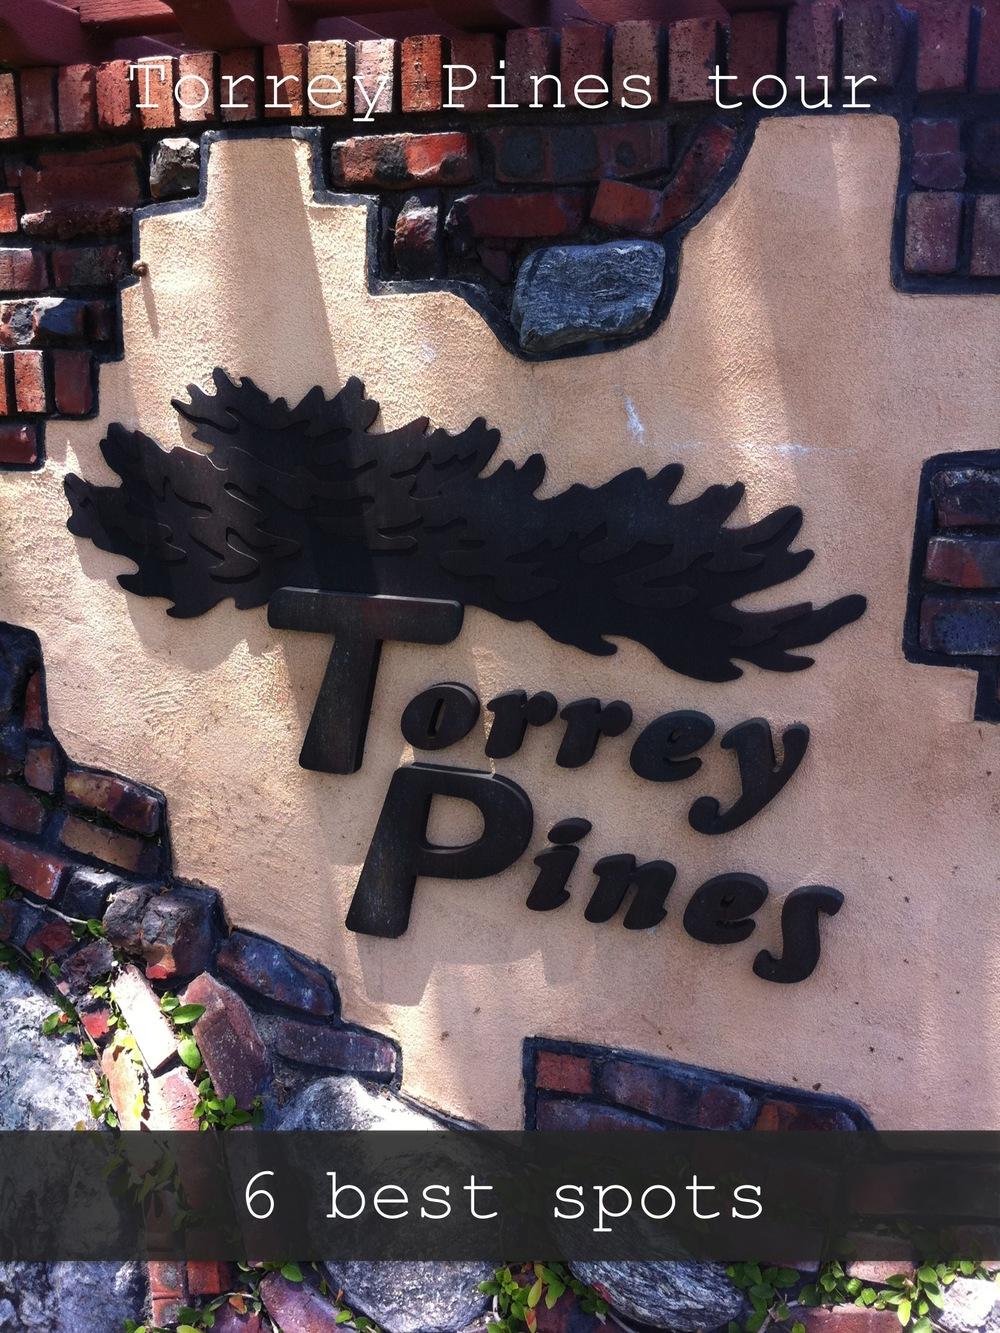 torrey pines tour tile.jpg